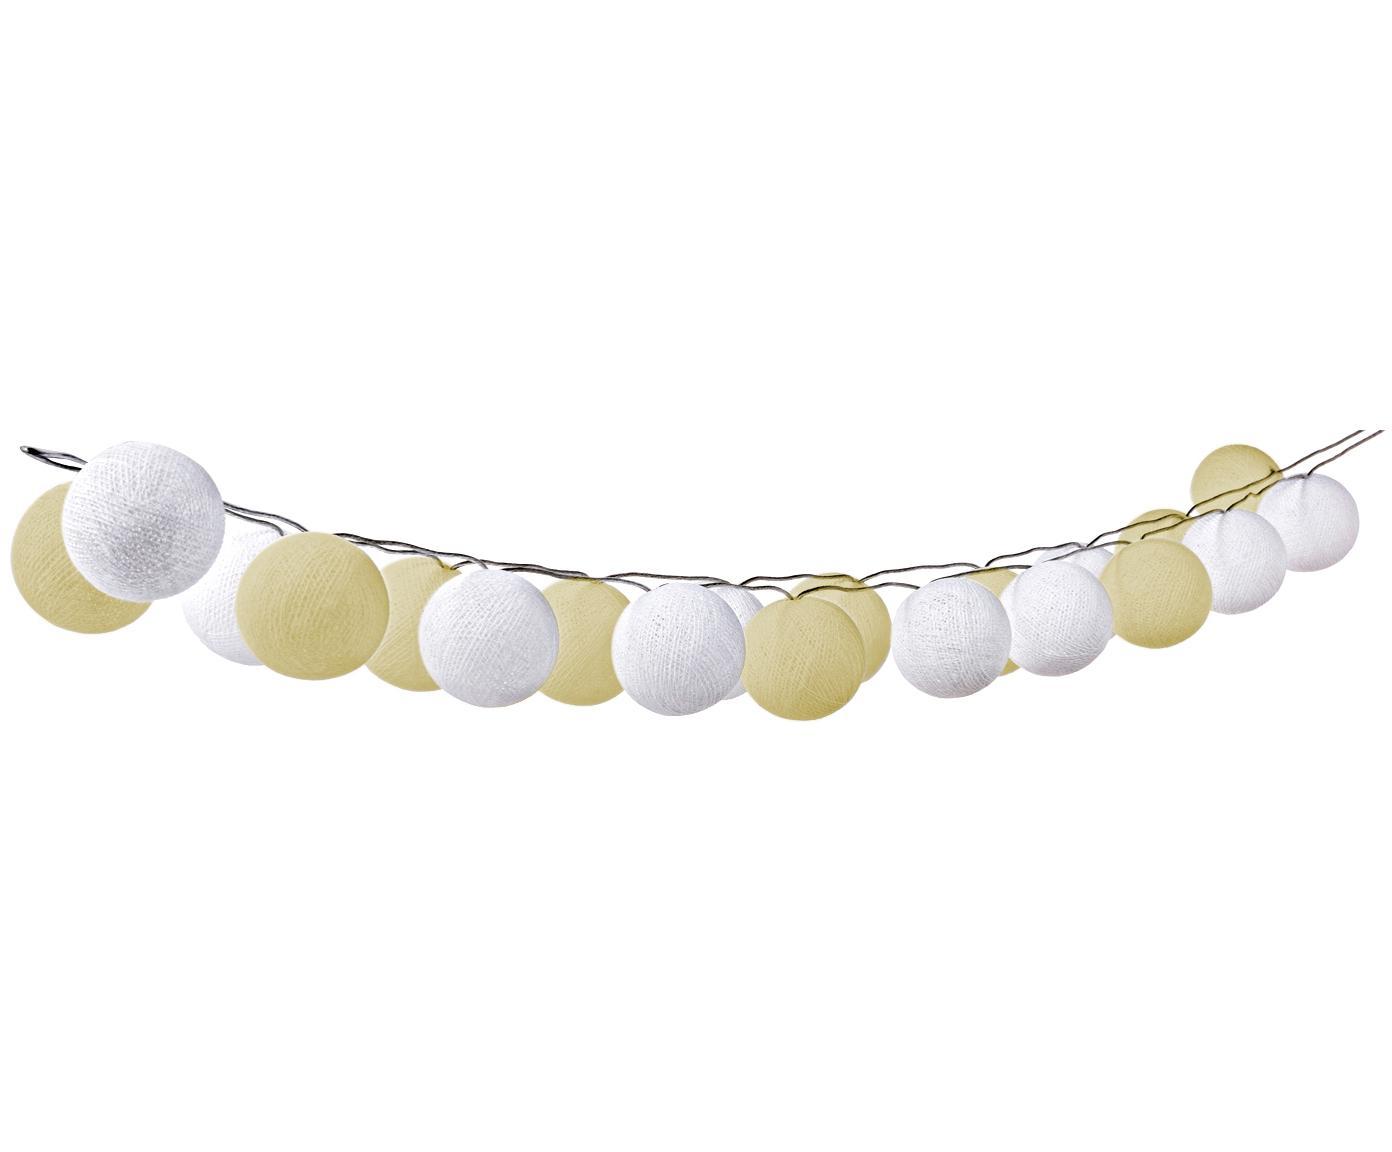 Girlanda świetlna LED Bellin, 320 cm, Kremowy, biały, D 320 cm